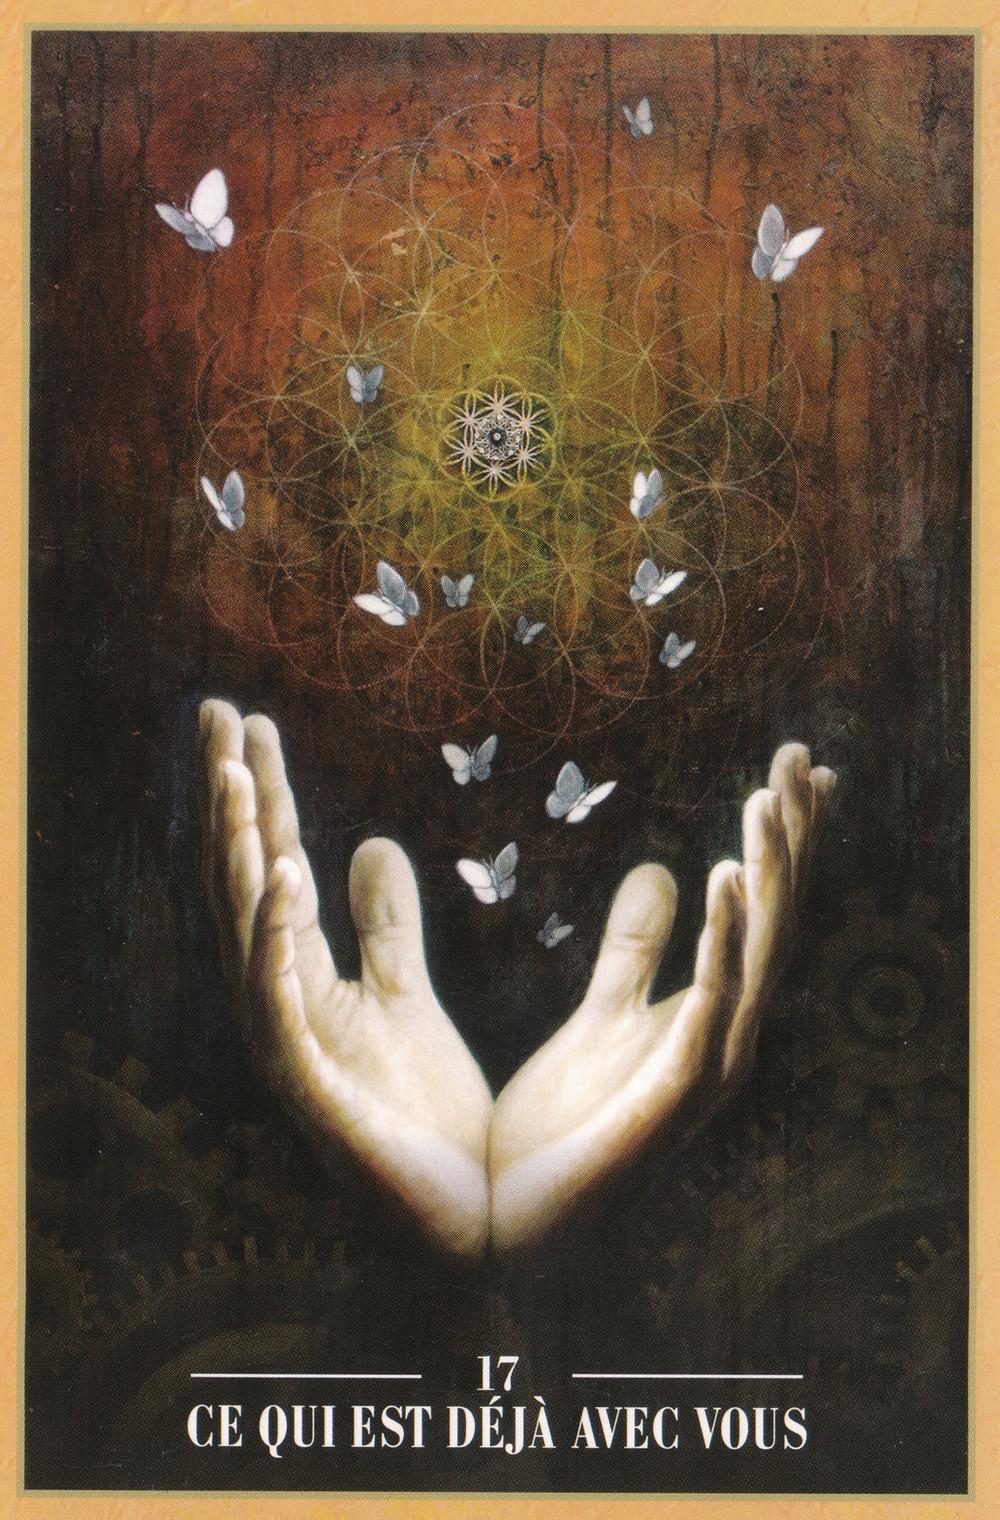 Carte de L'Oracle des Rebelles Sacrés d'Alana Fairchild - Ce qui est déjà avec vous - Energies du 16 au 22 novembre 2020 : Transformer les liens toxiques grâce à notre Pouvoir Créateur !